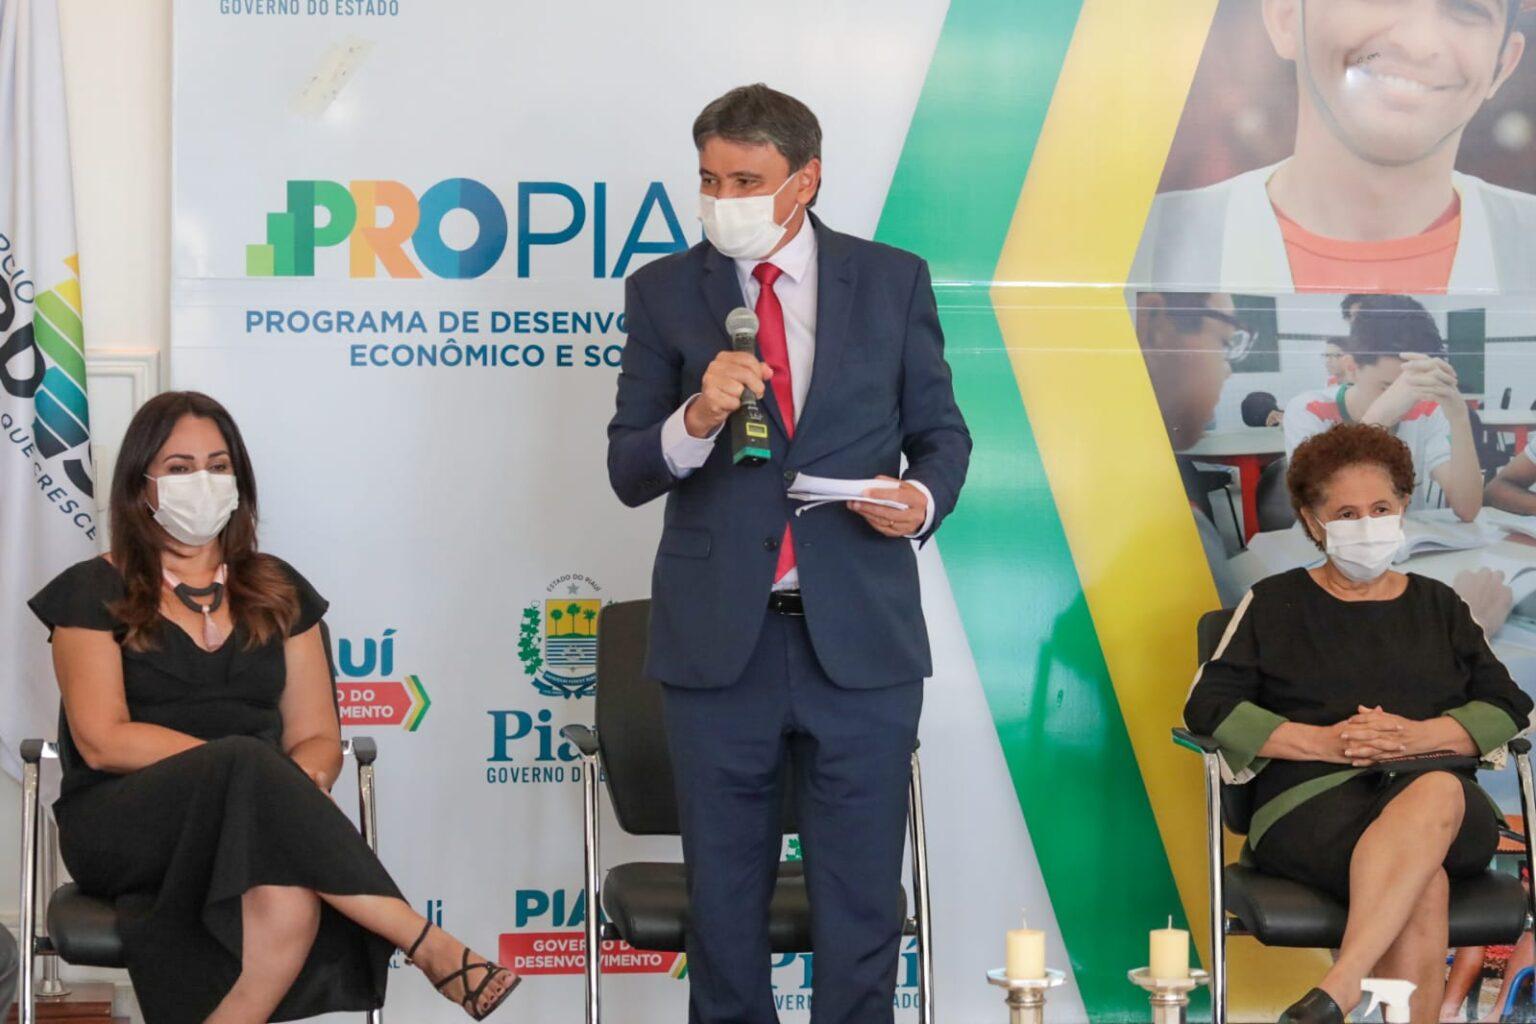 Oestado do Piauíconta atualmente, com 16% de sua população acima de 15 anos analfabeta - Foto: Ccom